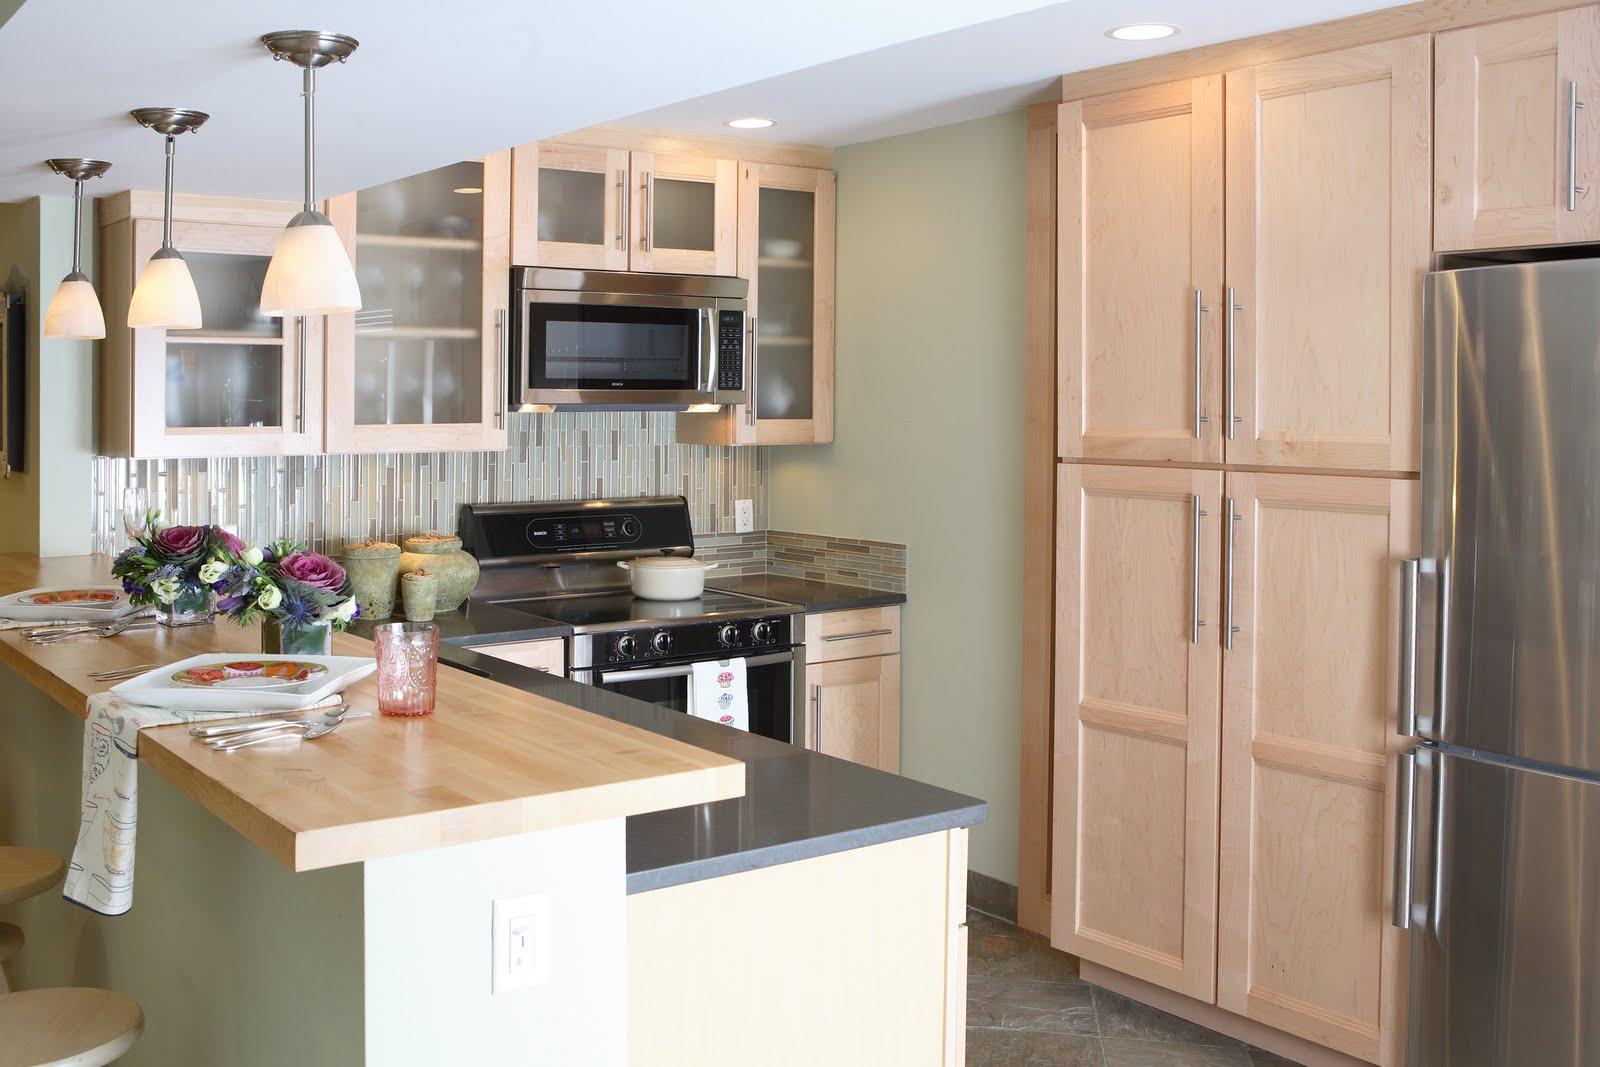 Small condo kitchen ideas